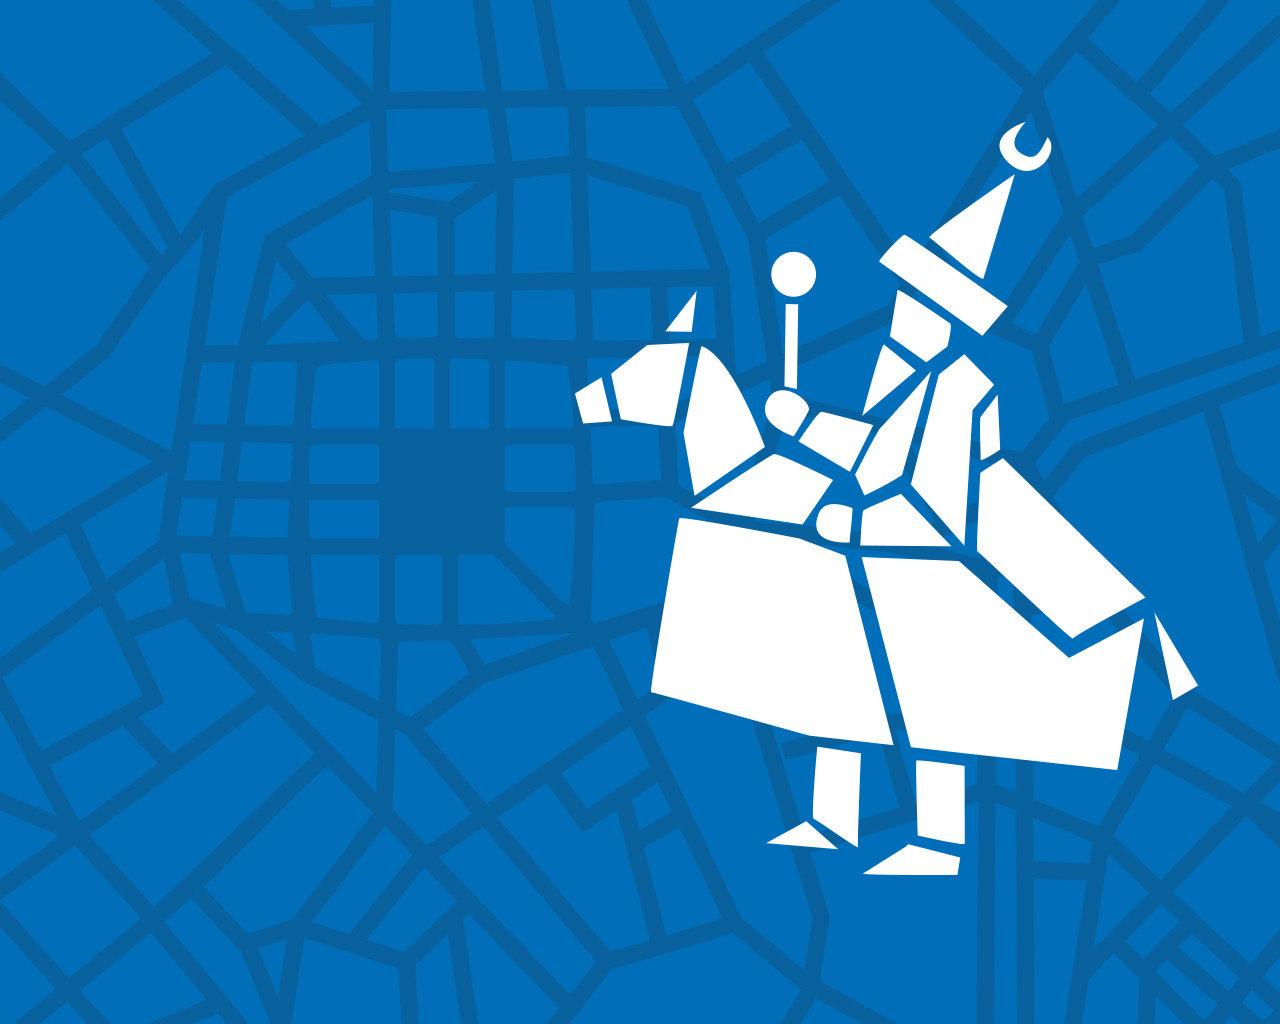 Bądź bohaterem Krakowa - ruszyła kampania przygotowana dla miasta przez Opus B